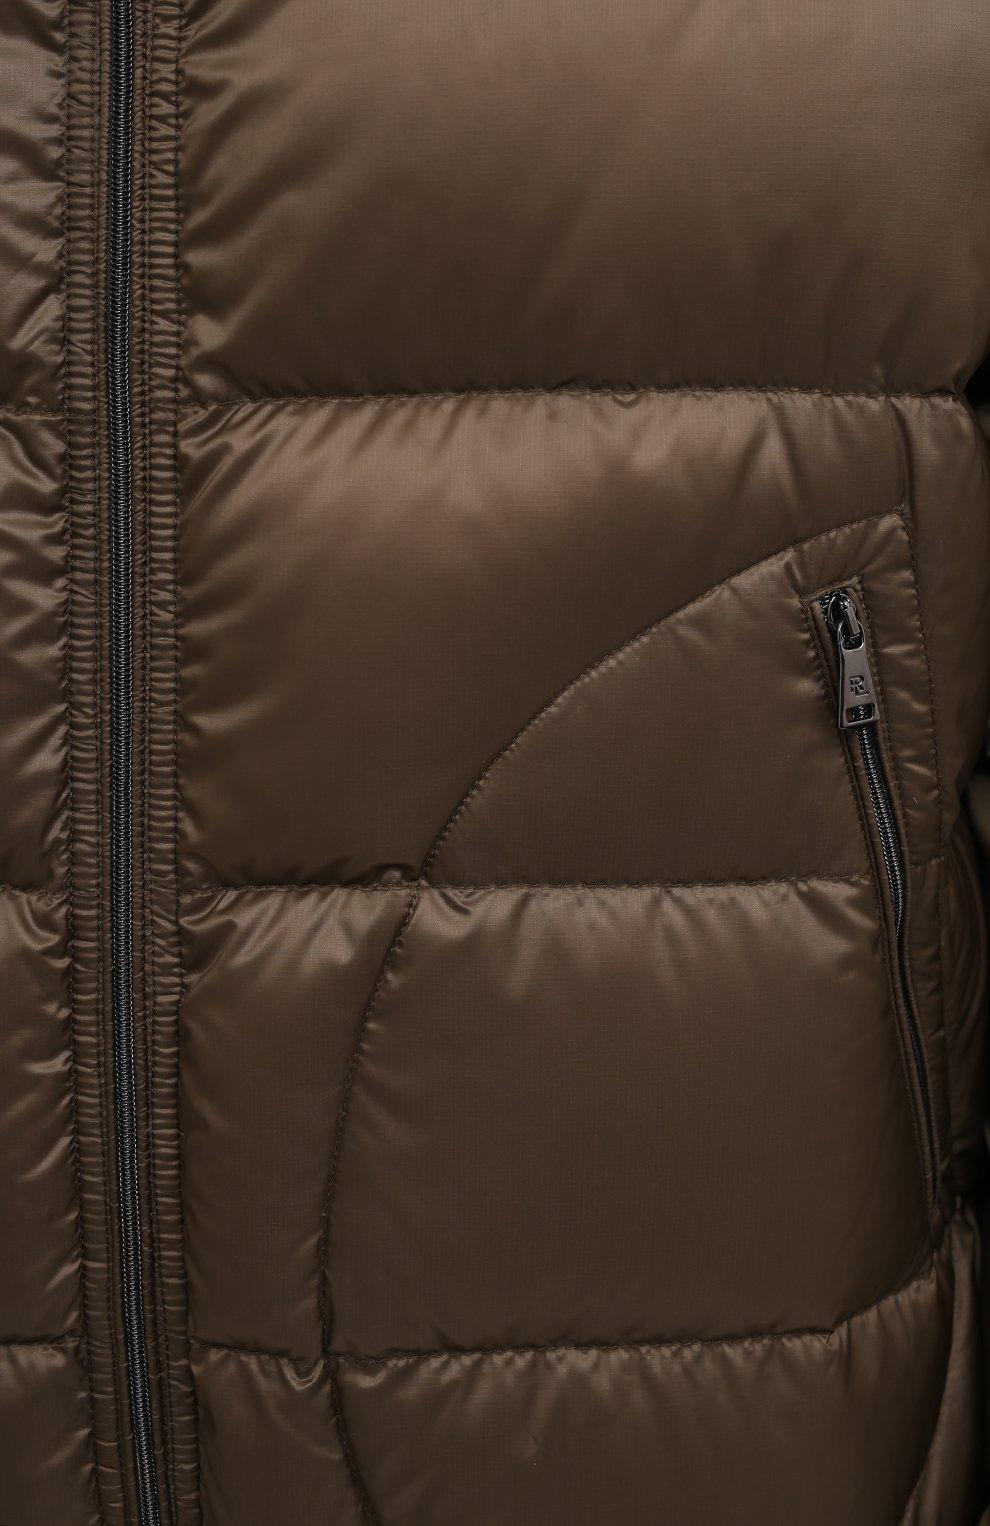 Мужская пуховая куртка RALPH LAUREN коричневого цвета, арт. 790774258 | Фото 5 (Кросс-КТ: Куртка; Мужское Кросс-КТ: пуховик-короткий; Рукава: Длинные; Материал внешний: Синтетический материал; Материал подклада: Синтетический материал; Длина (верхняя одежда): Короткие; Материал утеплителя: Пух и перо; Стили: Кэжуэл)